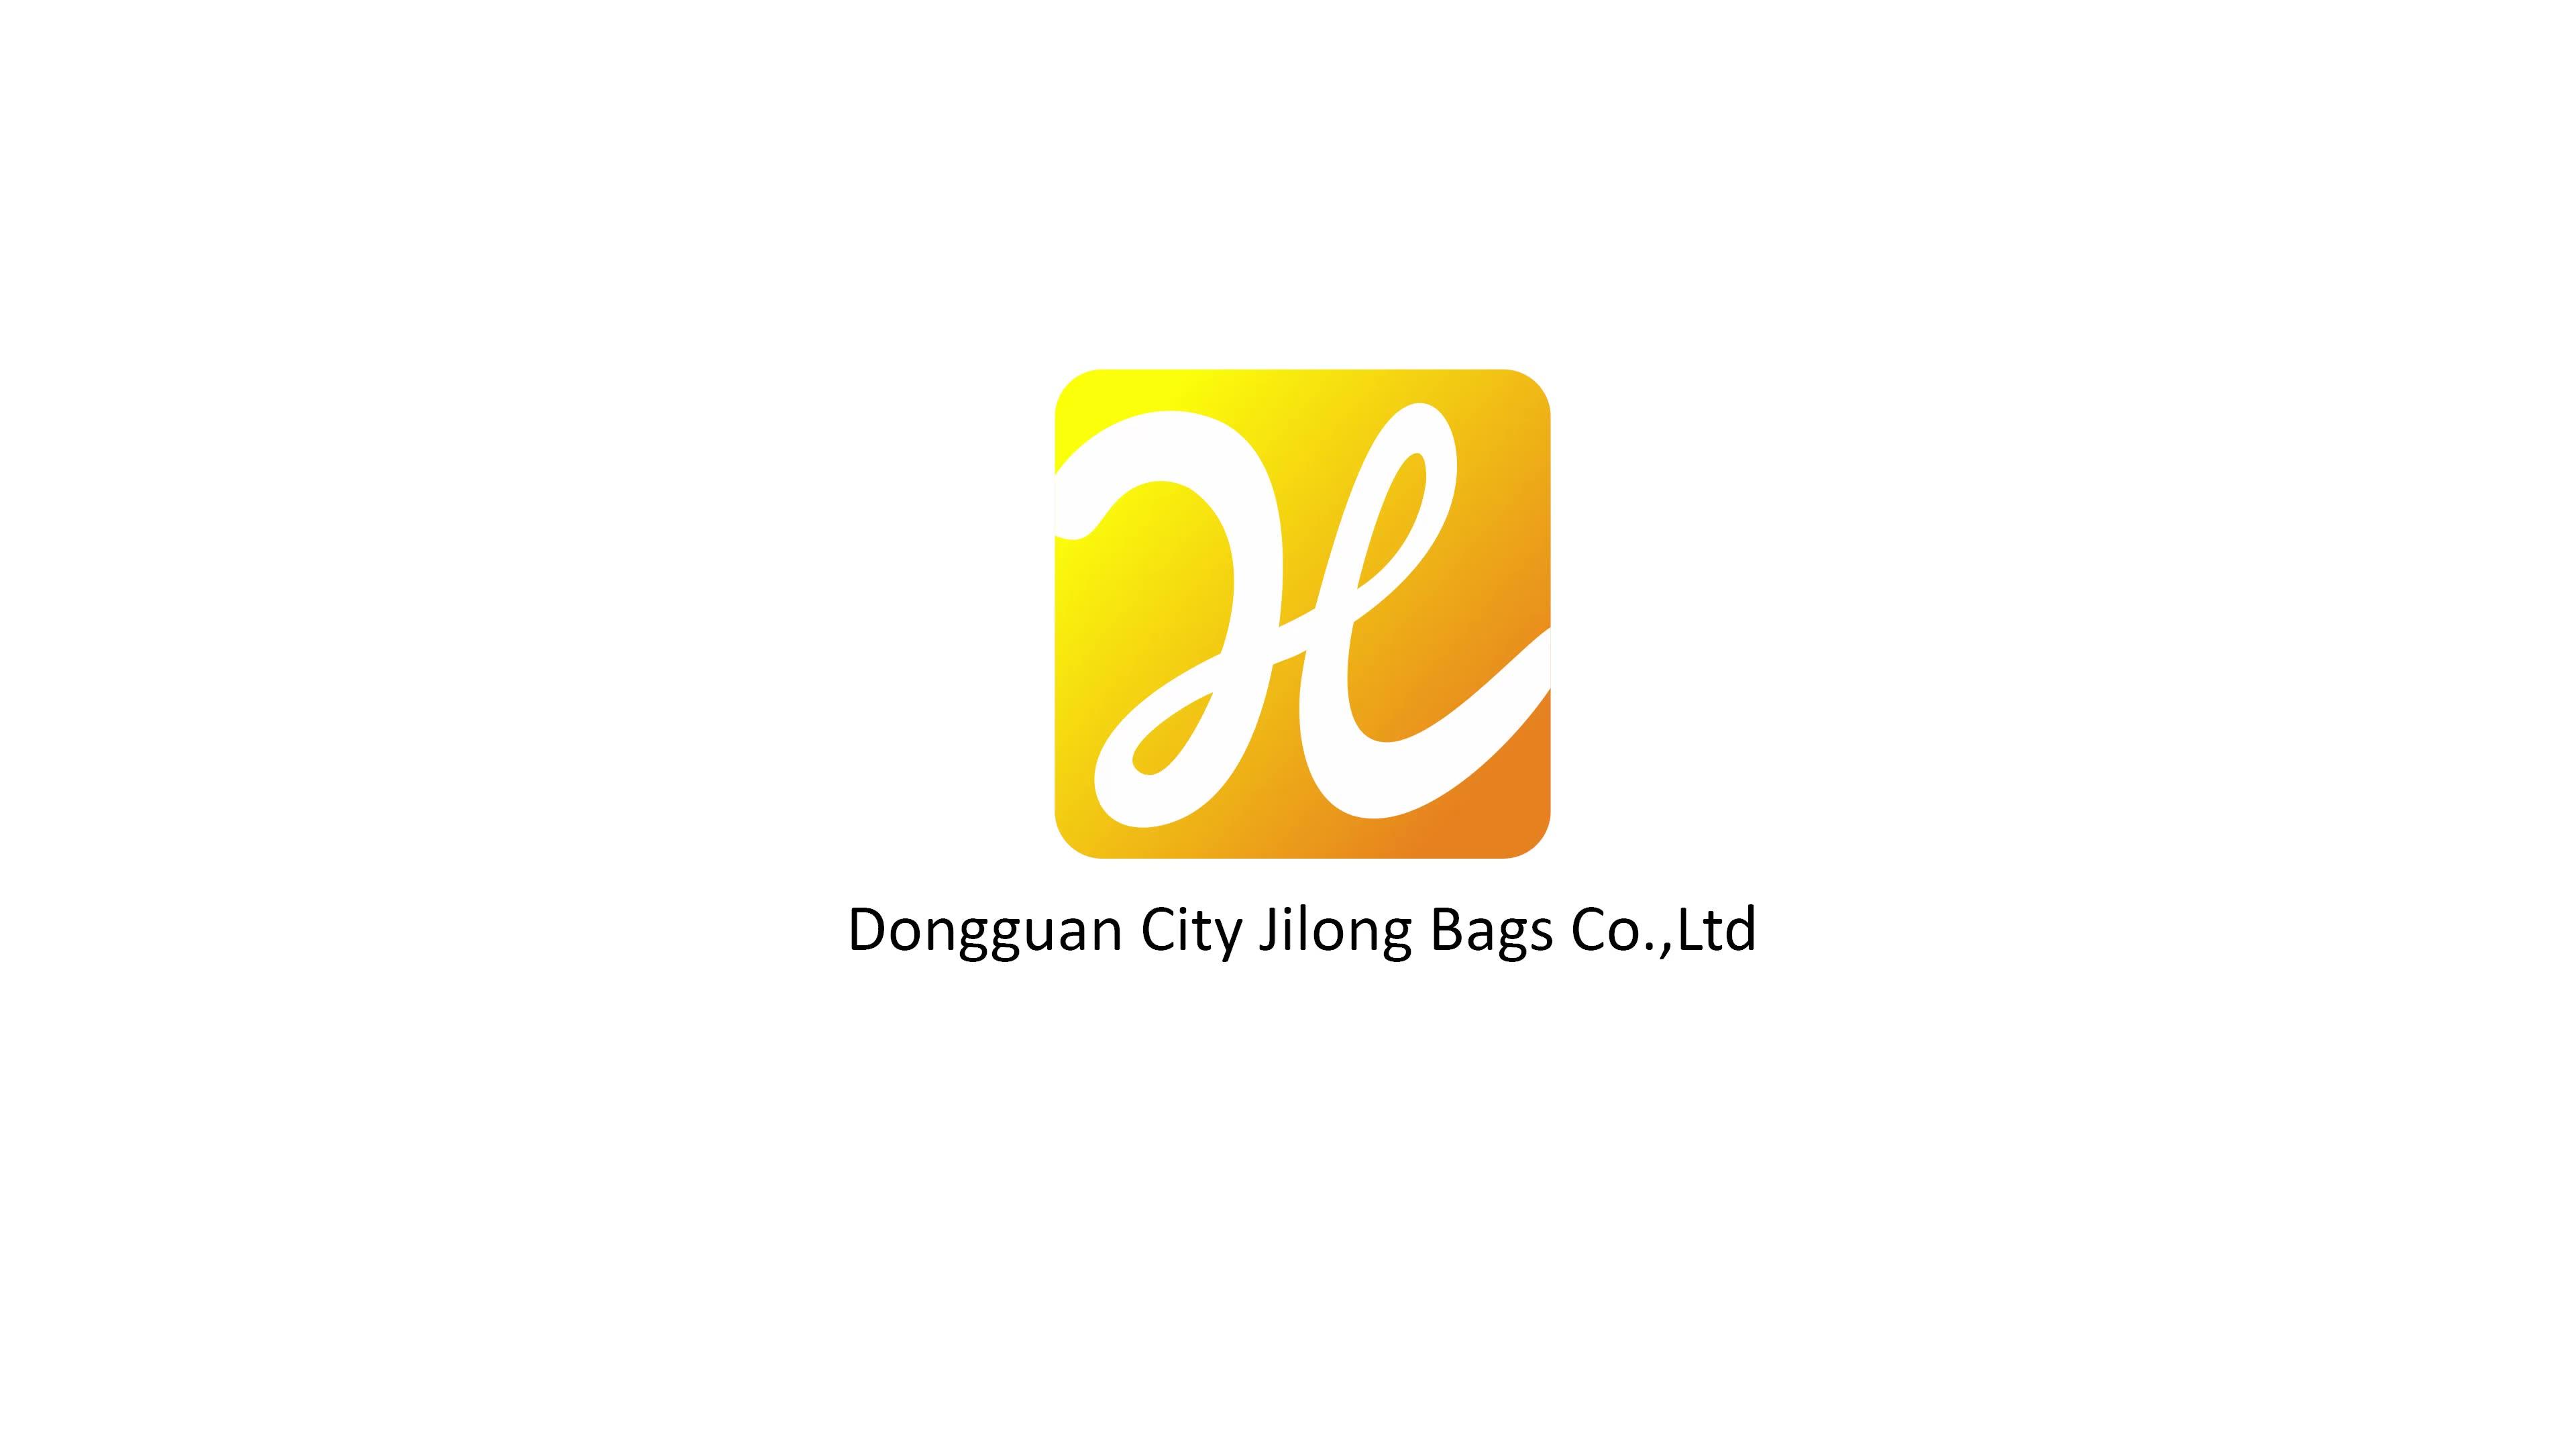 Оптовая Продажа Дешевая Экологически чистая печатная дизайнерская многоразовая хлопковая Брезентовая хозяйственная сумка с логотипом